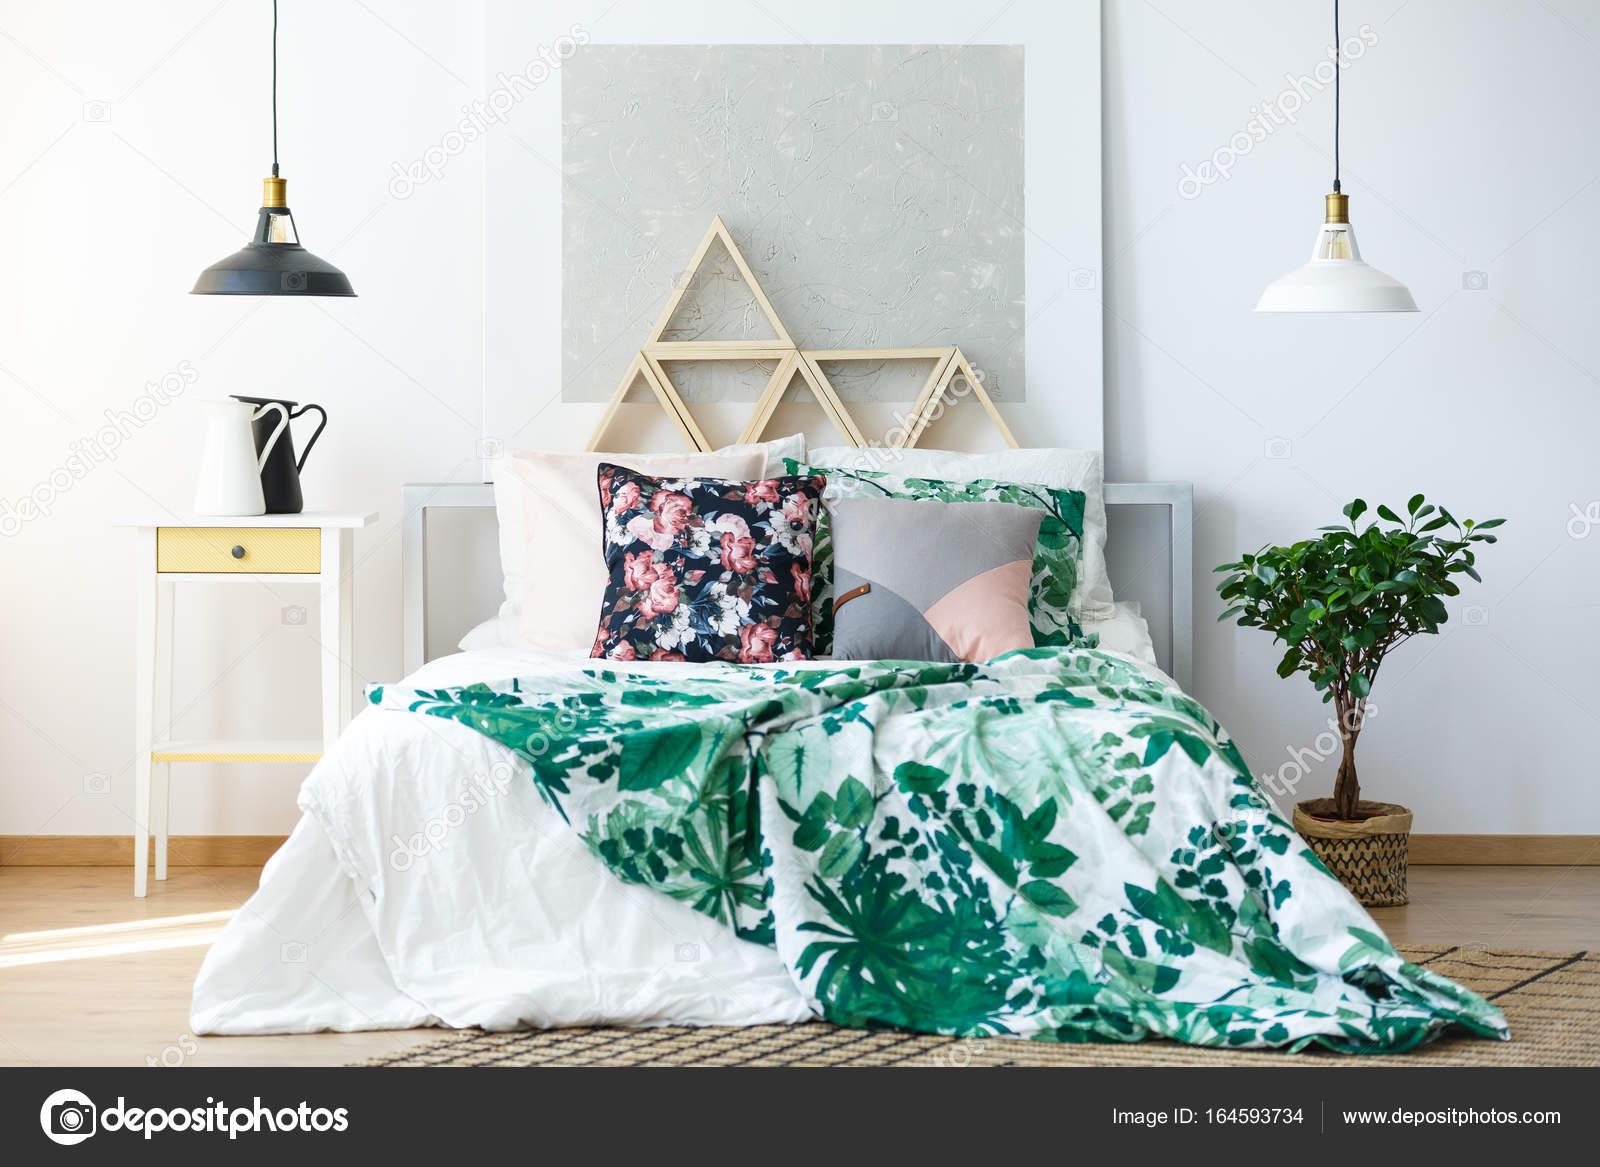 natuurlijke slaapkamer met delicate meubilair stockfoto